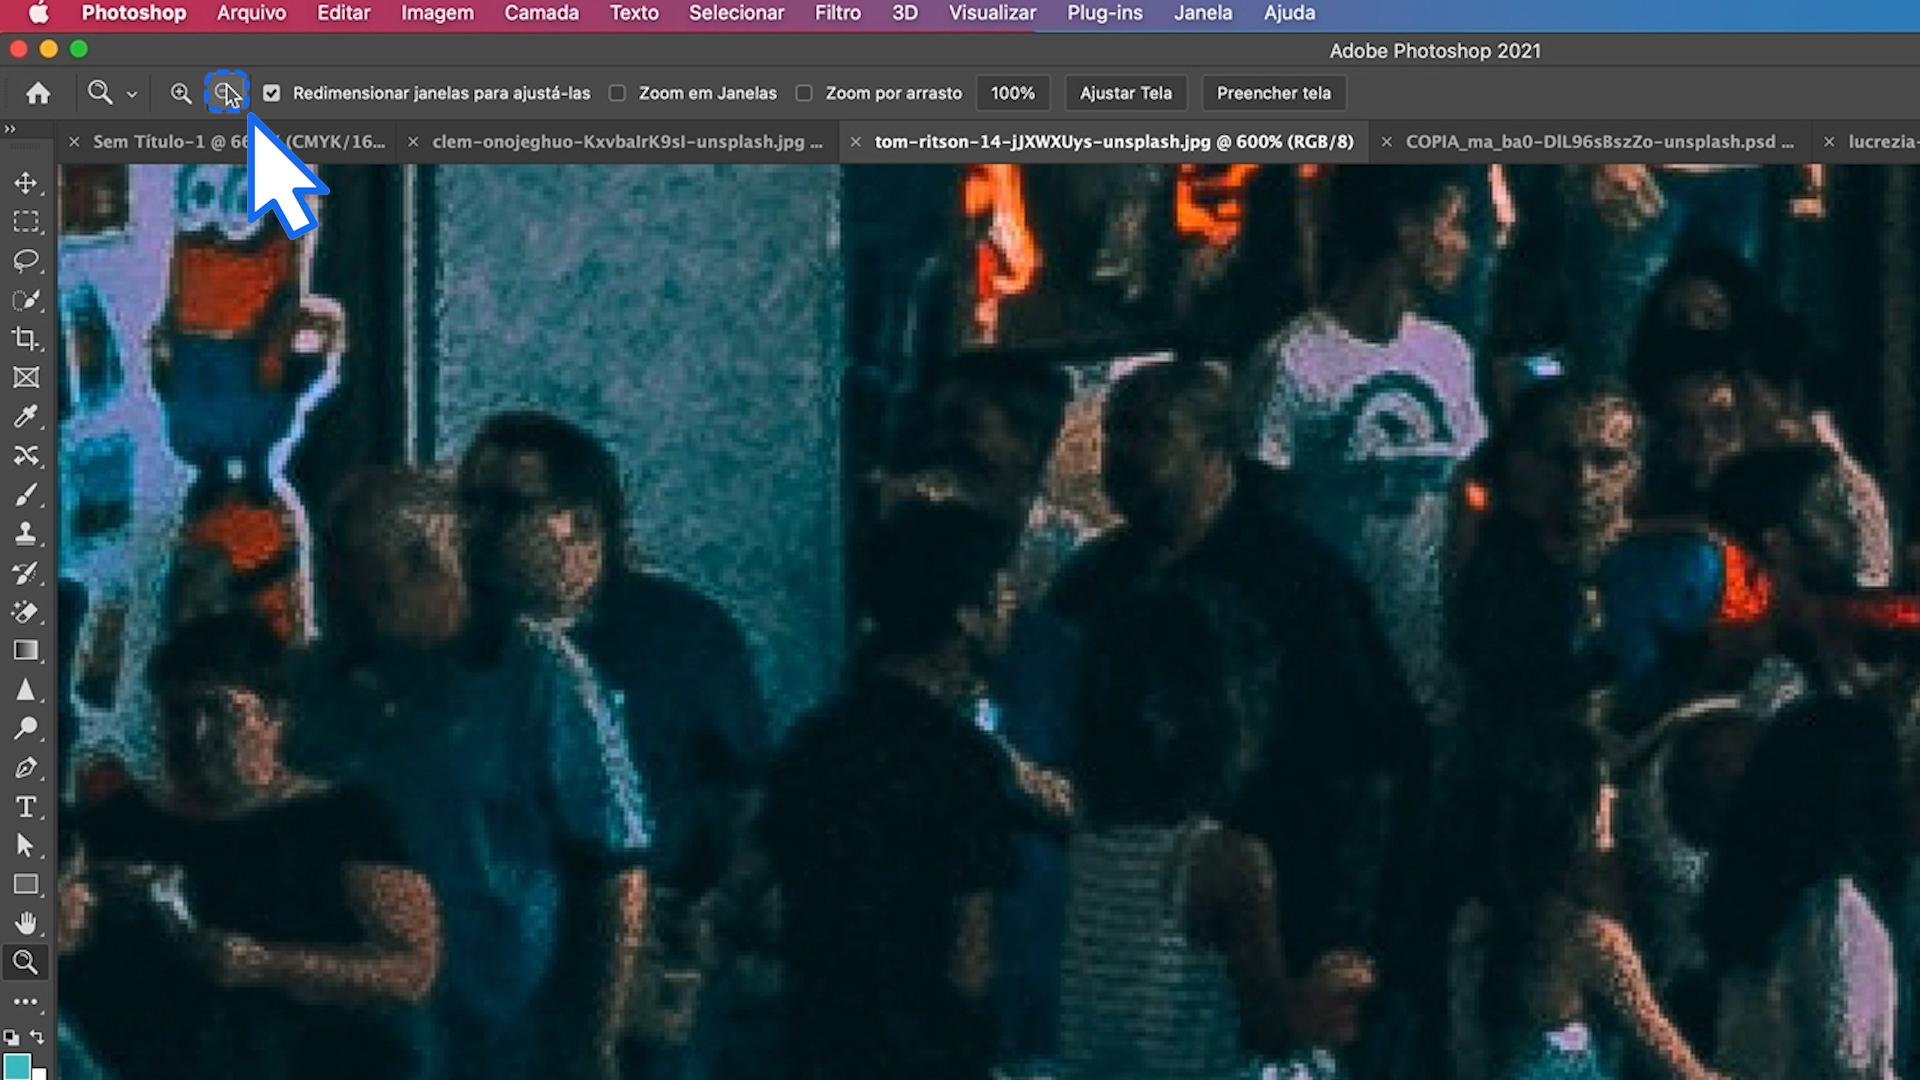 Como diminuir o zoom no Photoshop